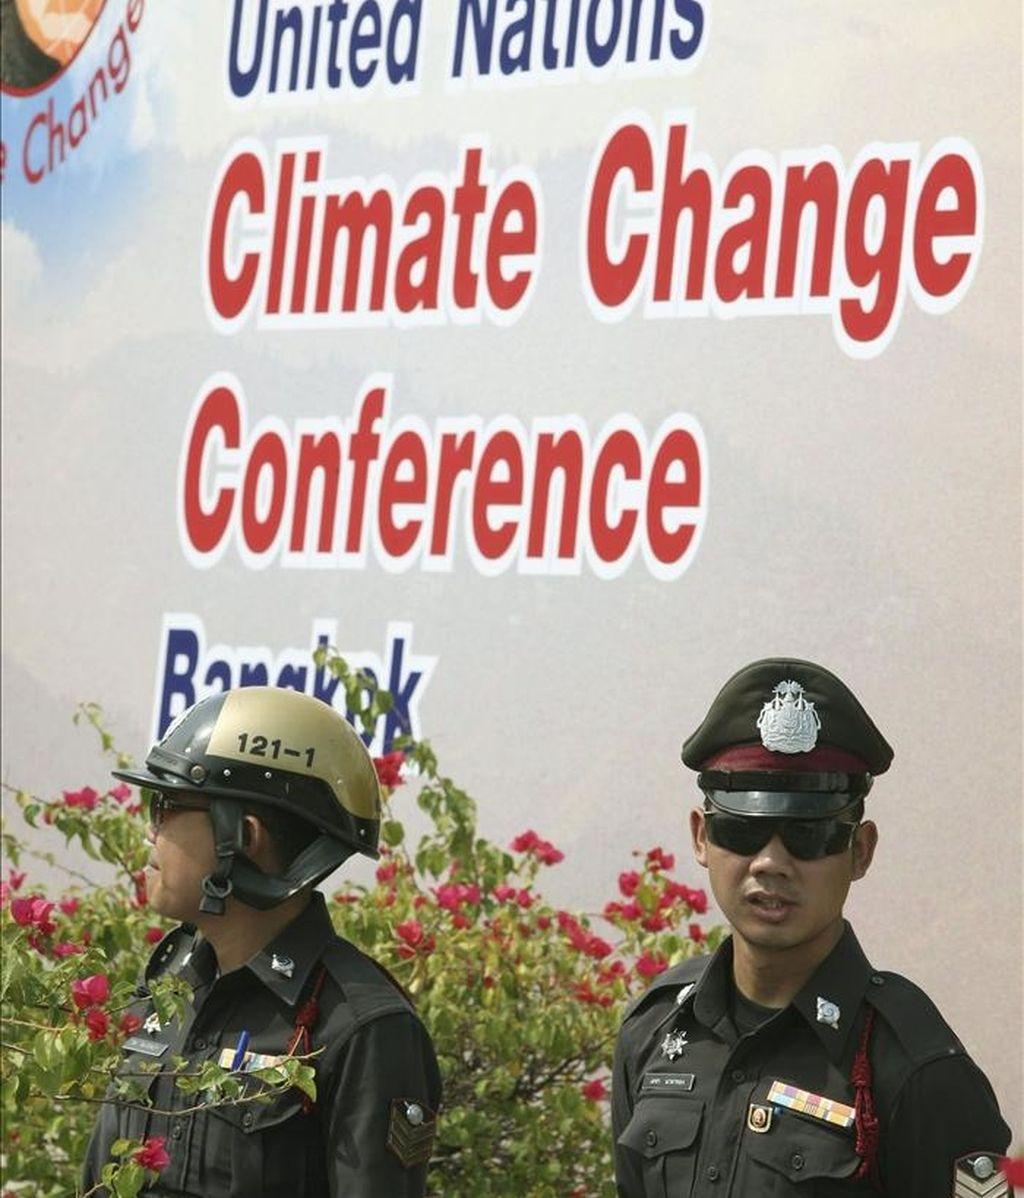 Dos policías resguardan el centro de conferencias donde se celebra la reunión de la ONU sobre el cambio climático, en Bangkok, Tailandia. EFE